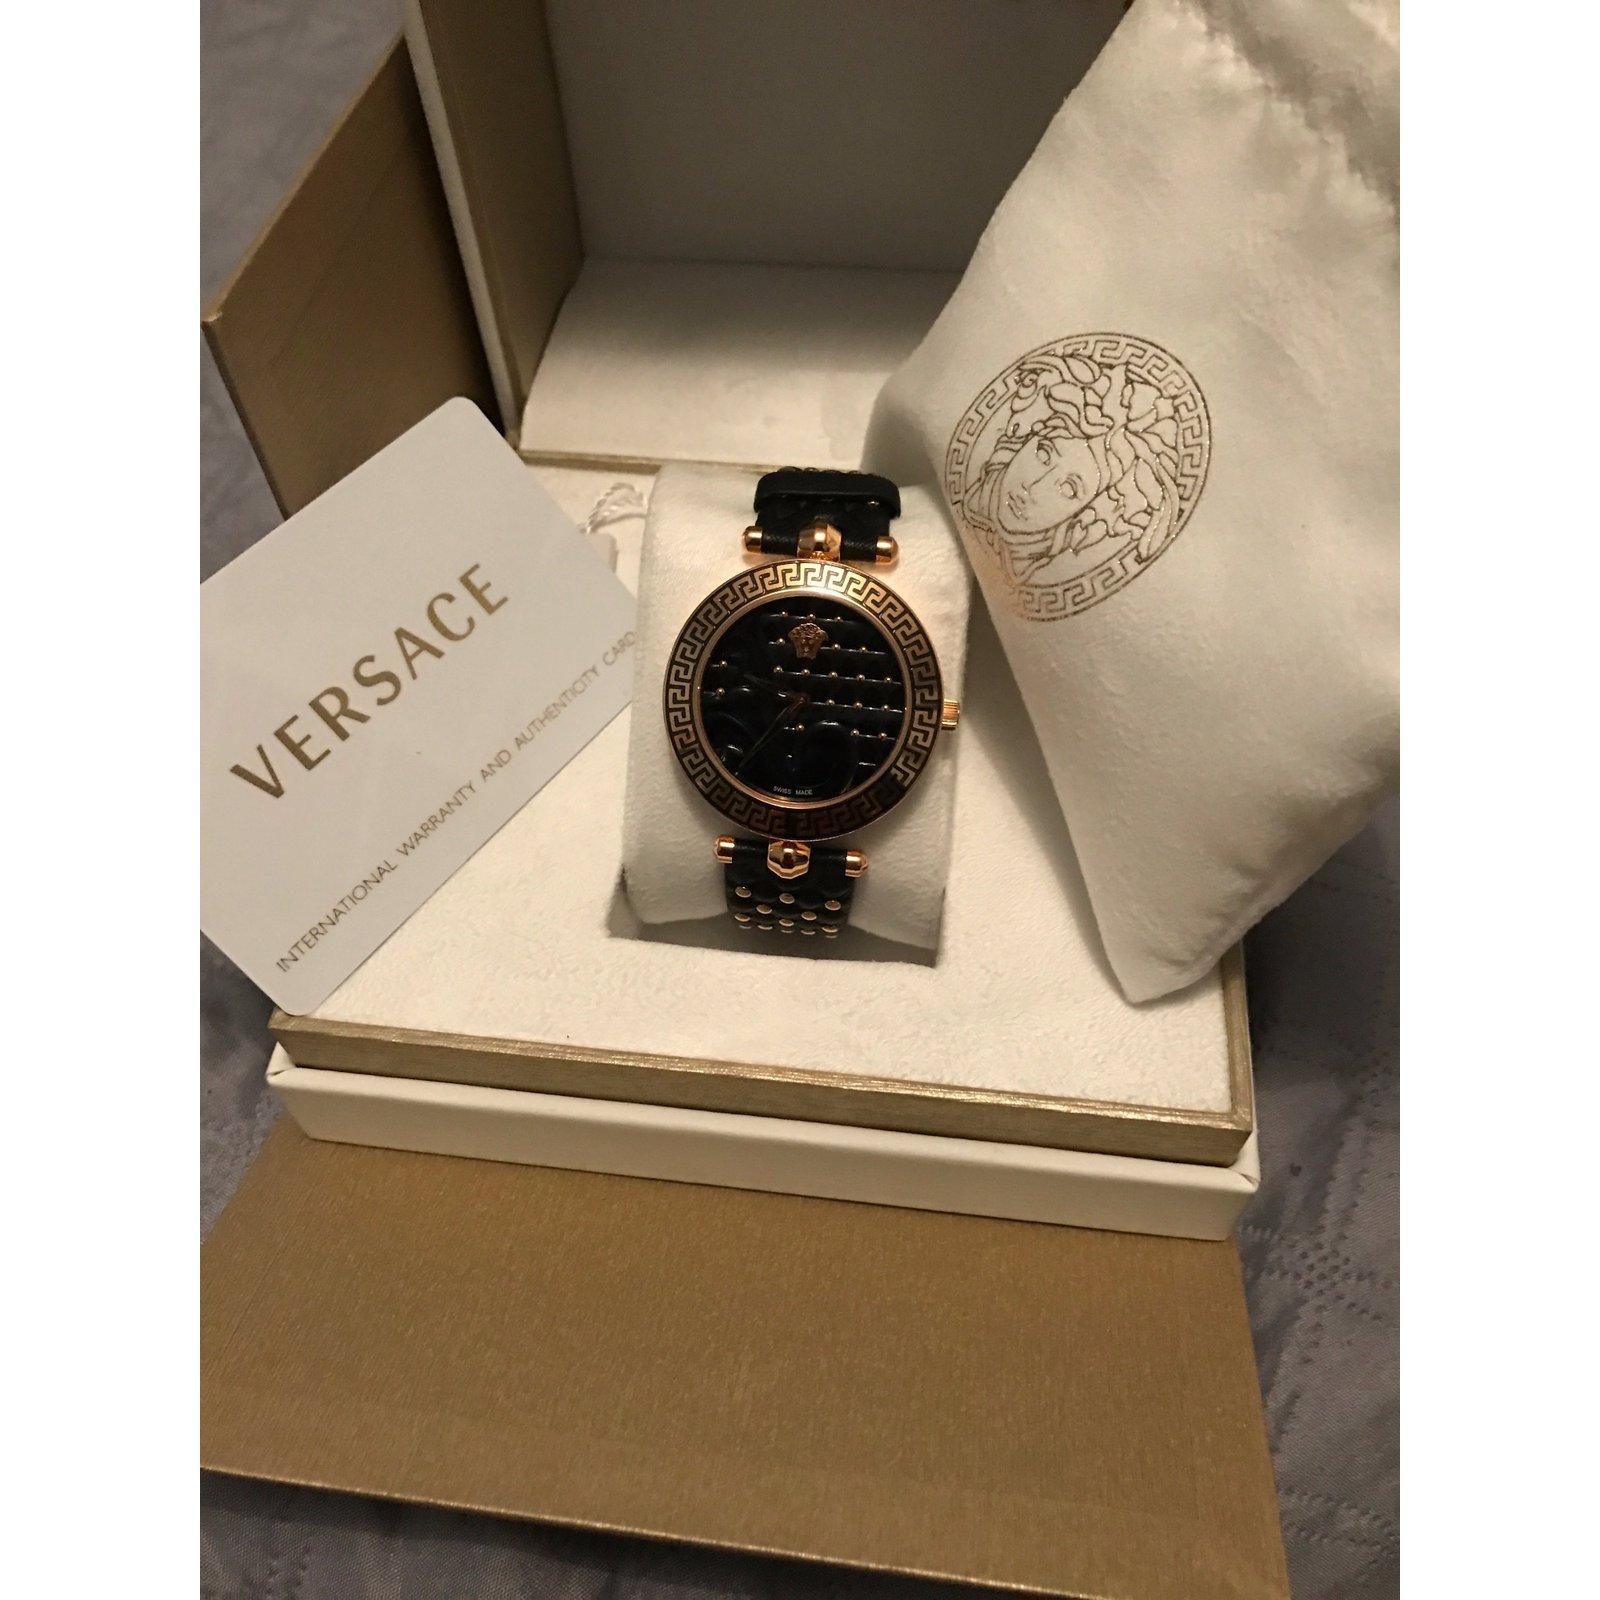 Montres Versace Montre femme Versace VK703 0013 - neuve authentique Cuir  Noir,Doré ref.37356 - Joli Closet 2eebb58b6d8